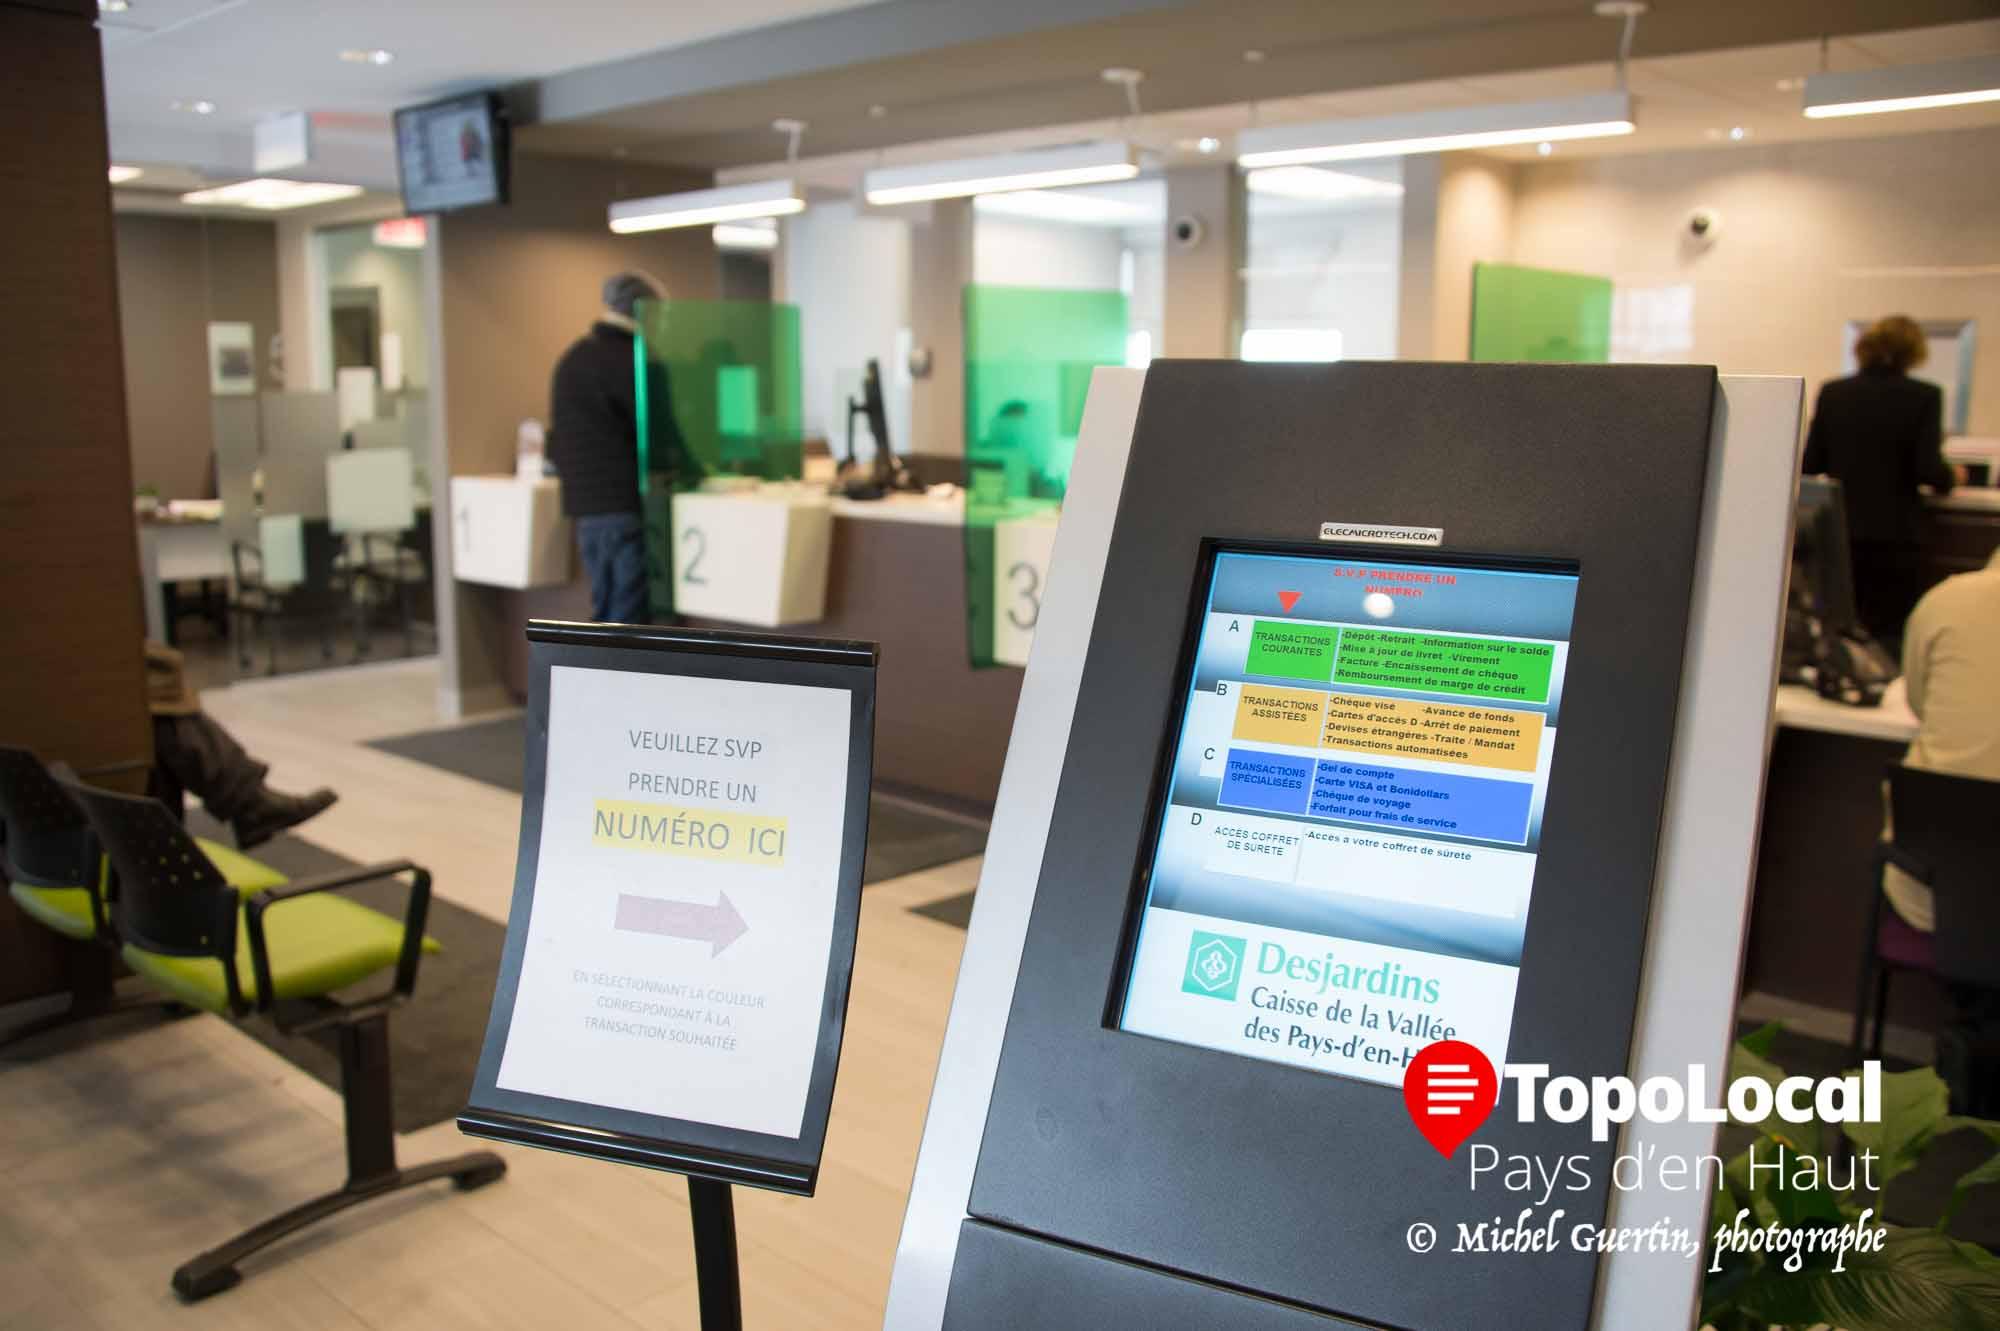 Alors que vous prenez votre billet d'attente, déjà il y a une sélection faite selon vos besoins. La fine pointe de la technologie au service de la clientèle.